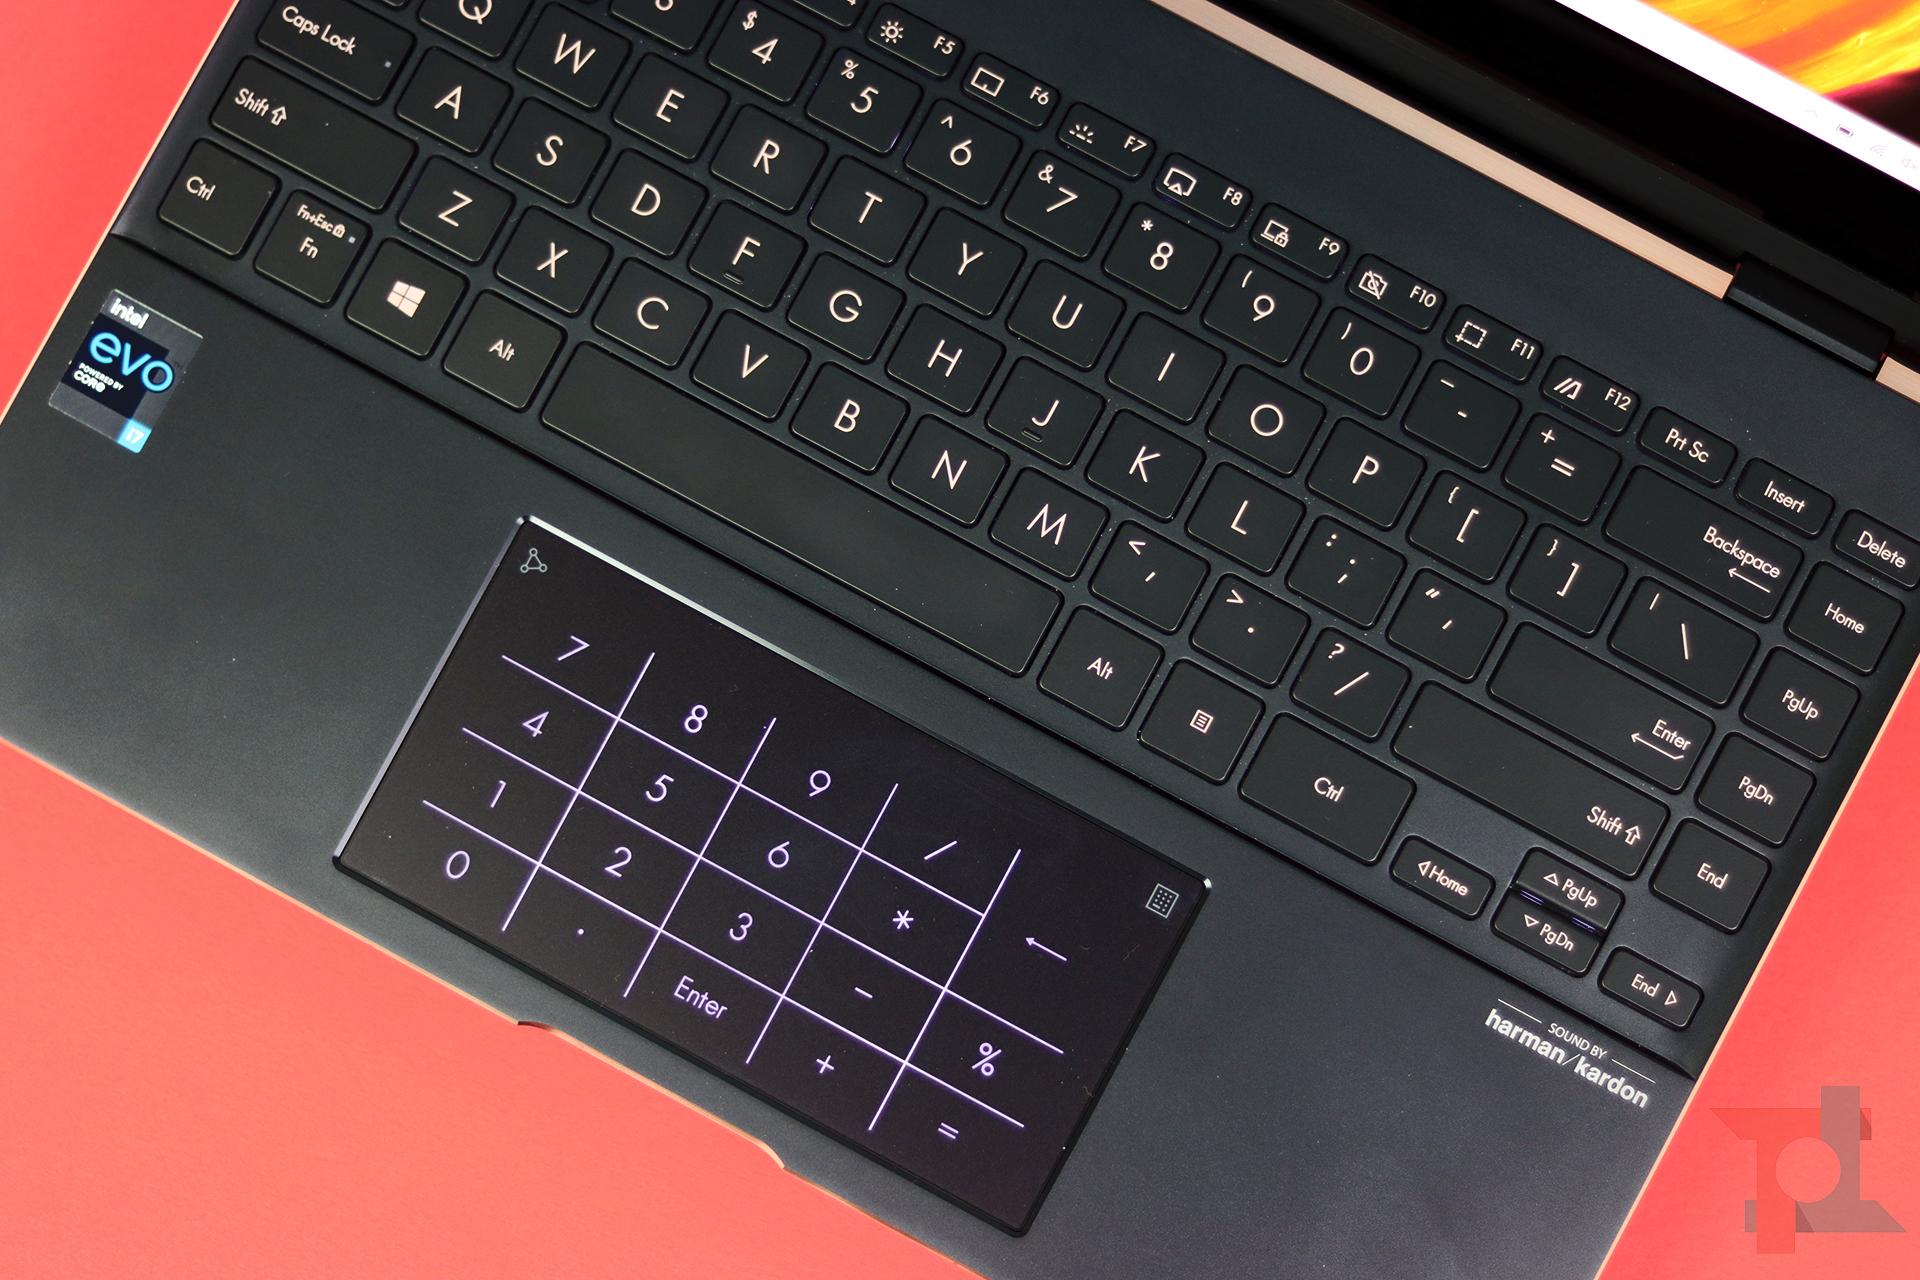 Asus Zenbook Flip S tastiera